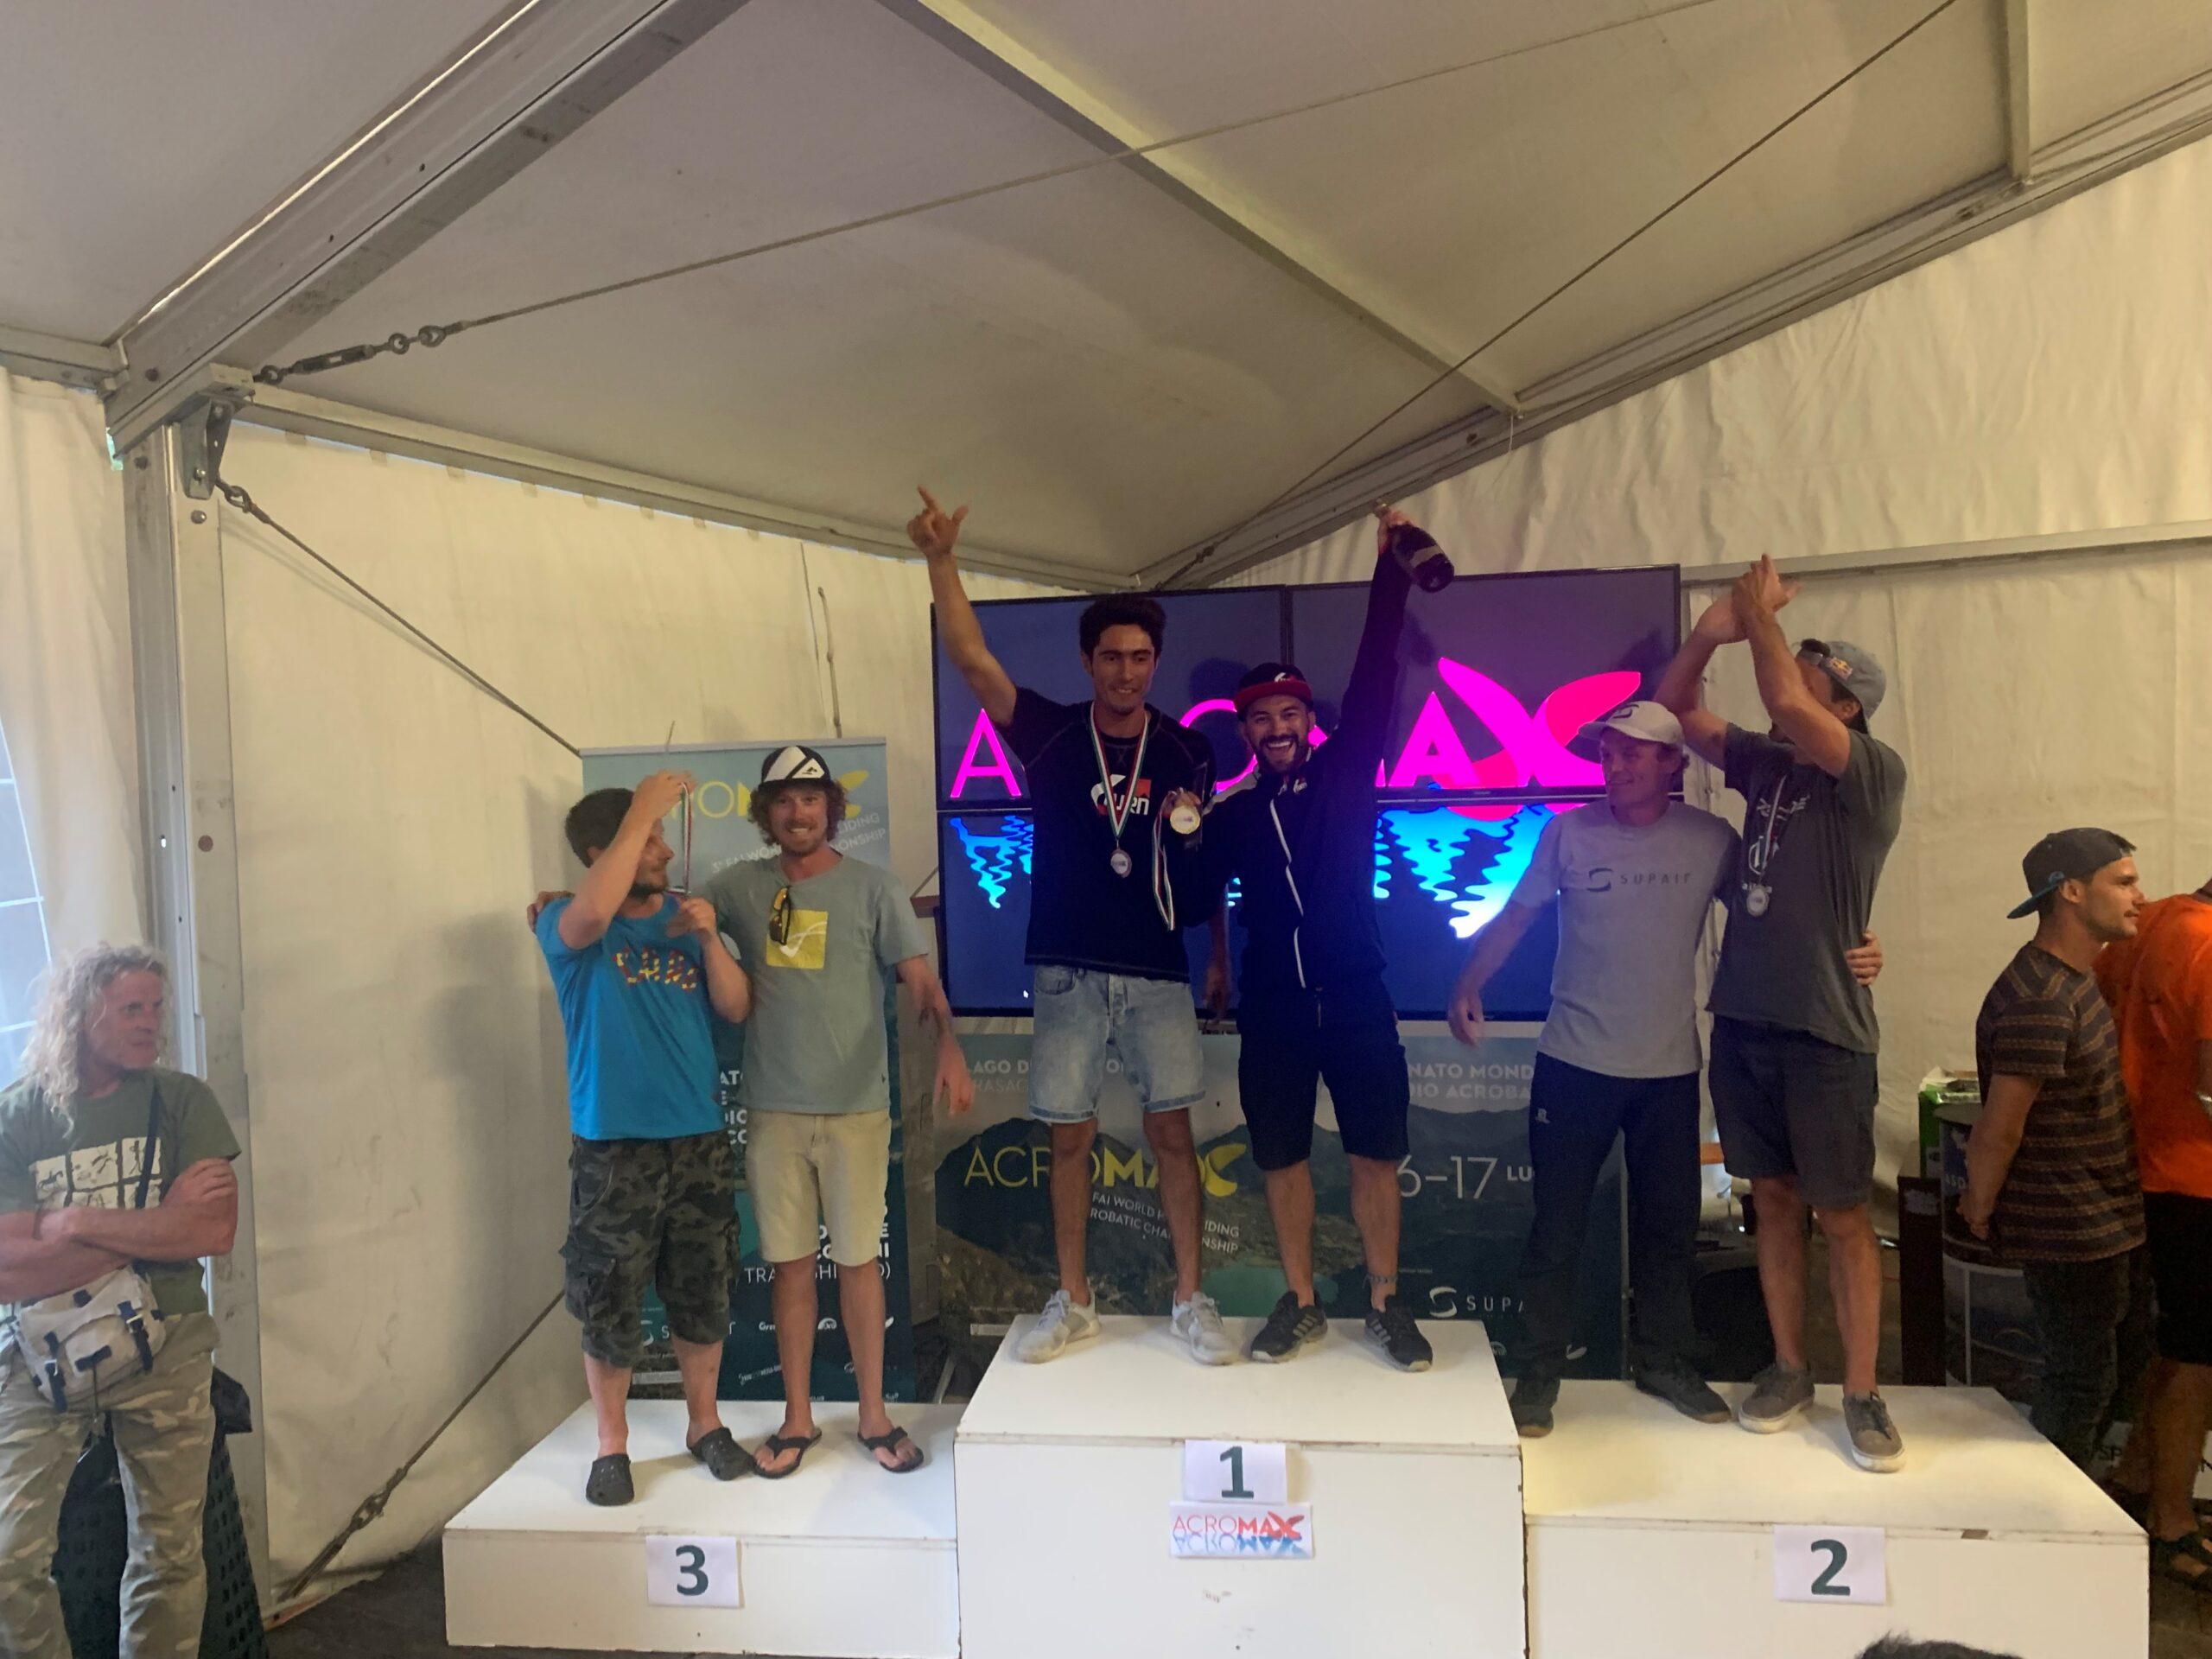 Campionato Mondiale Parapendio Acrobatico